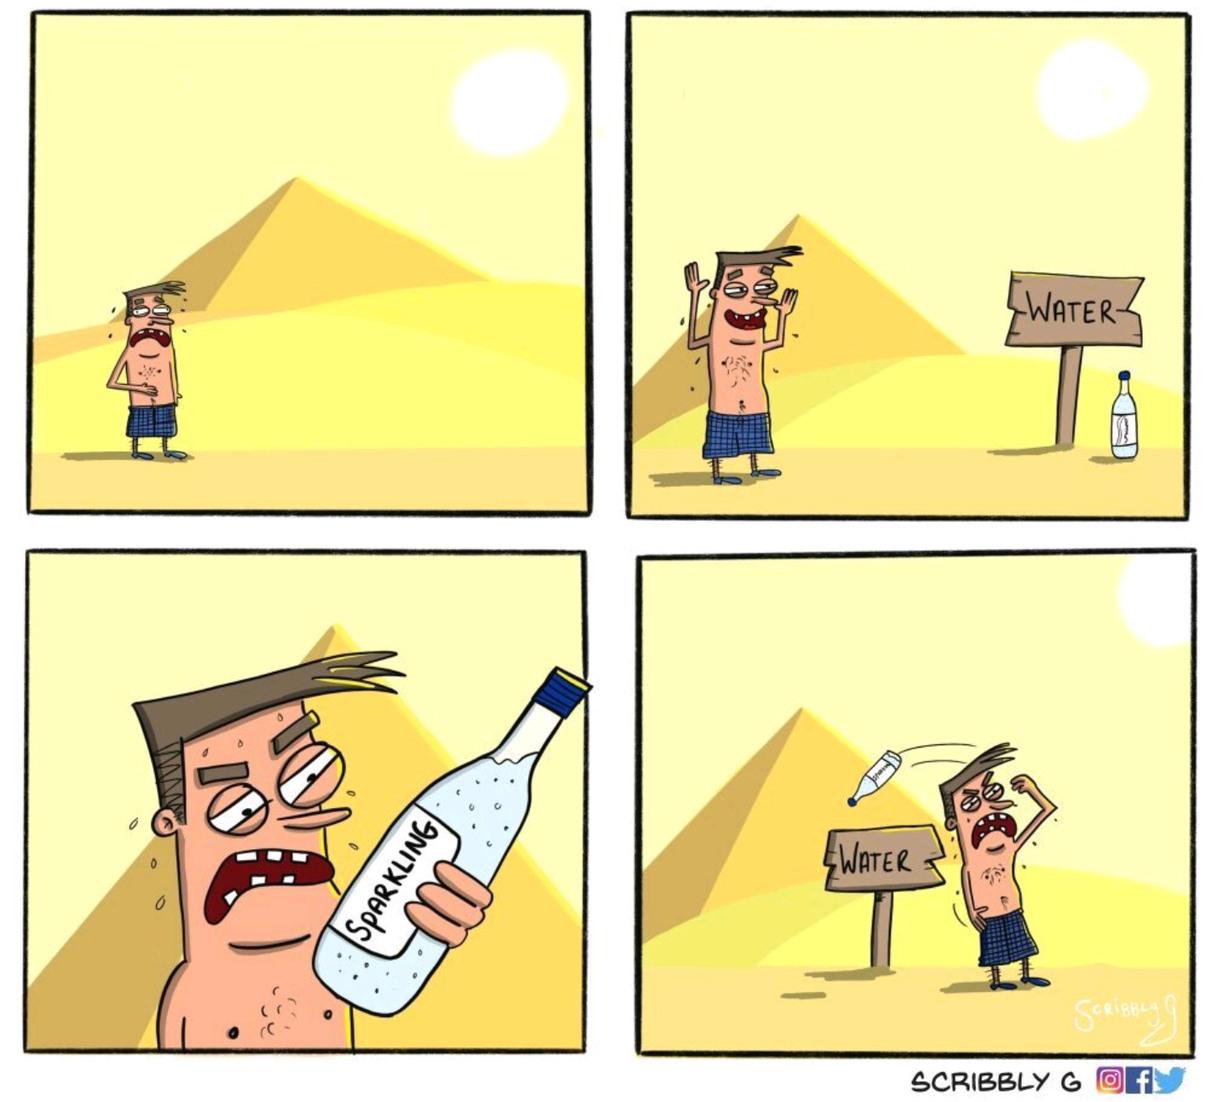 Sparklin water - meme